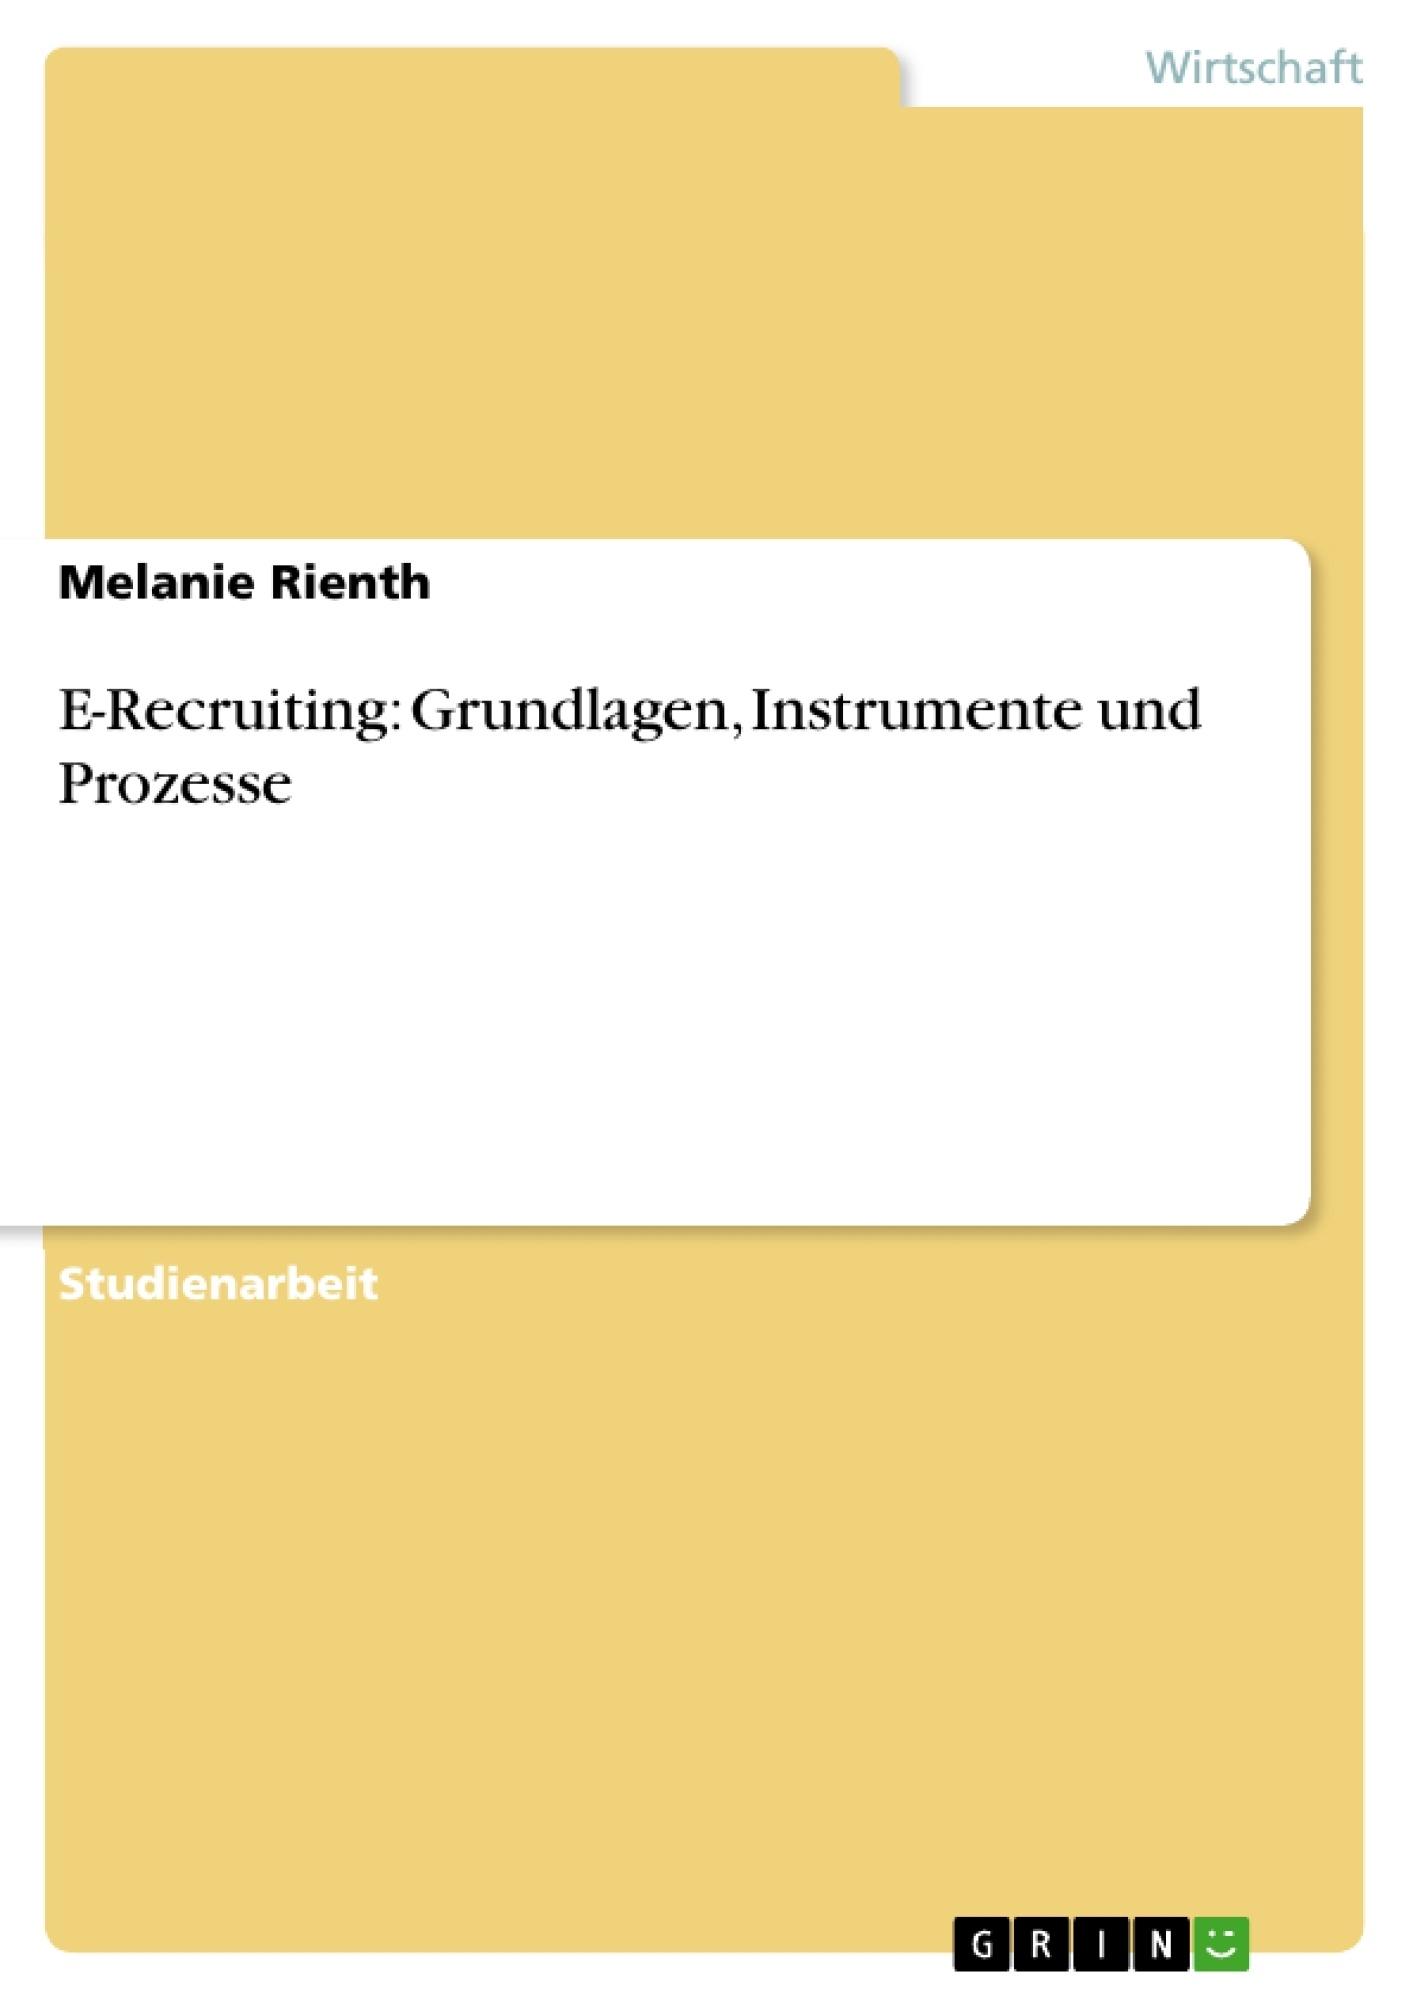 Titel: E-Recruiting: Grundlagen, Instrumente und Prozesse